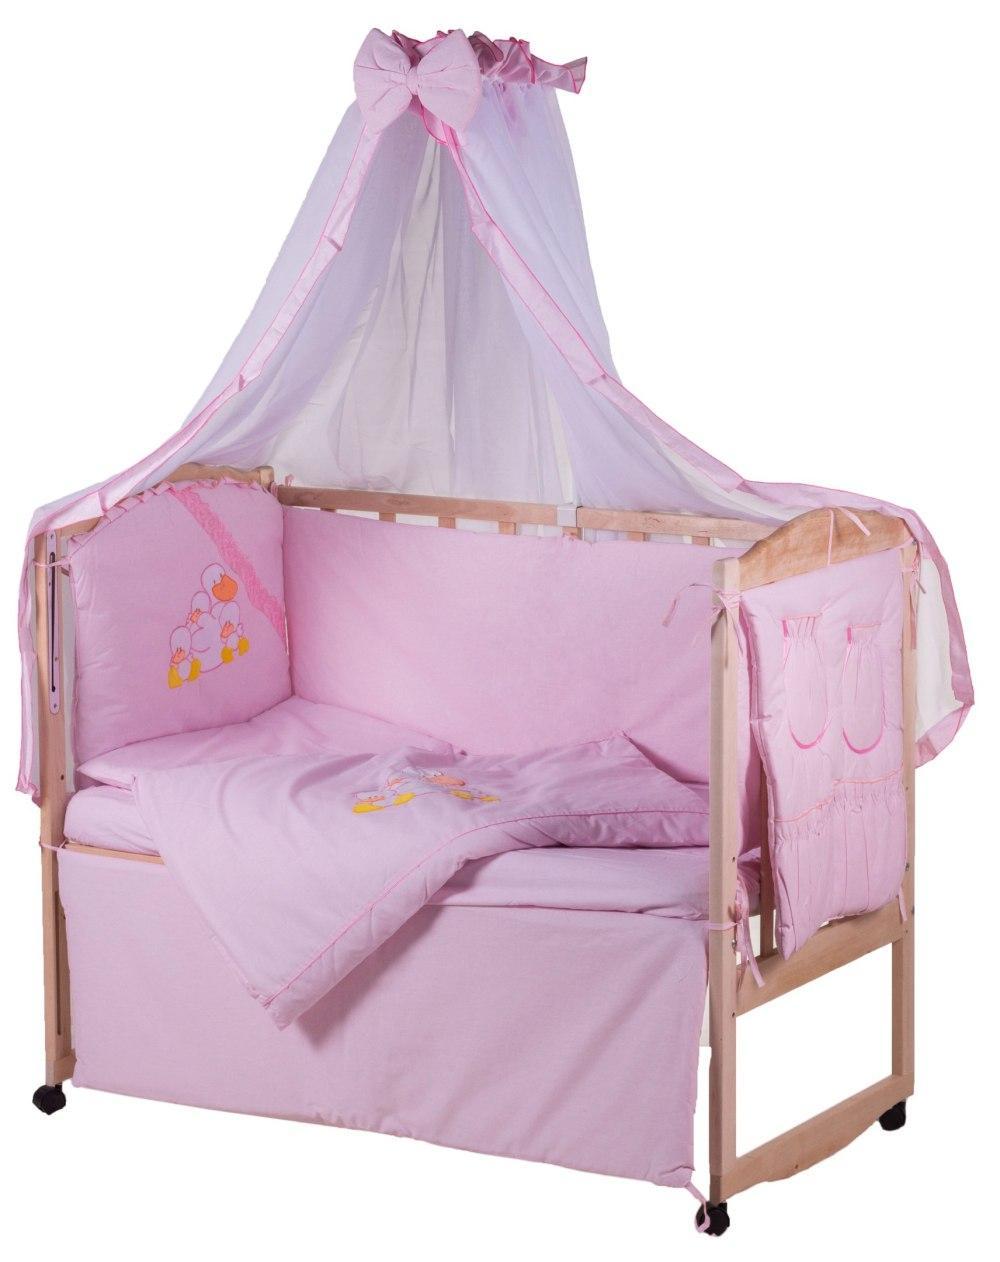 Детская постель Qvatro Ellite AE-08 аппликация  розовый (утята)